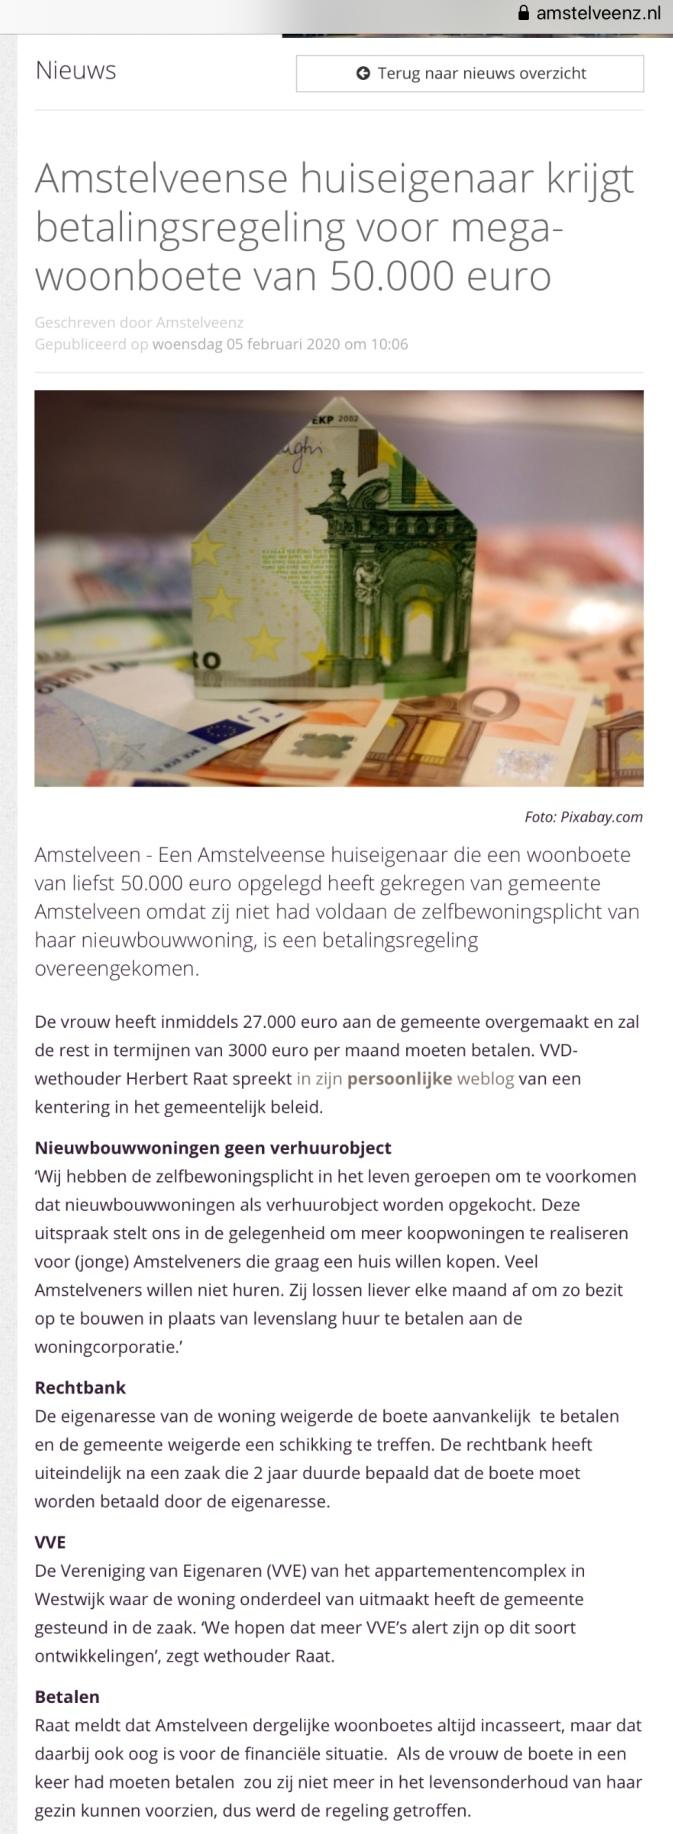 2020-5-2-AmstelveenZ: Herbert Raat over handhaving Zelfbewoningsplicht